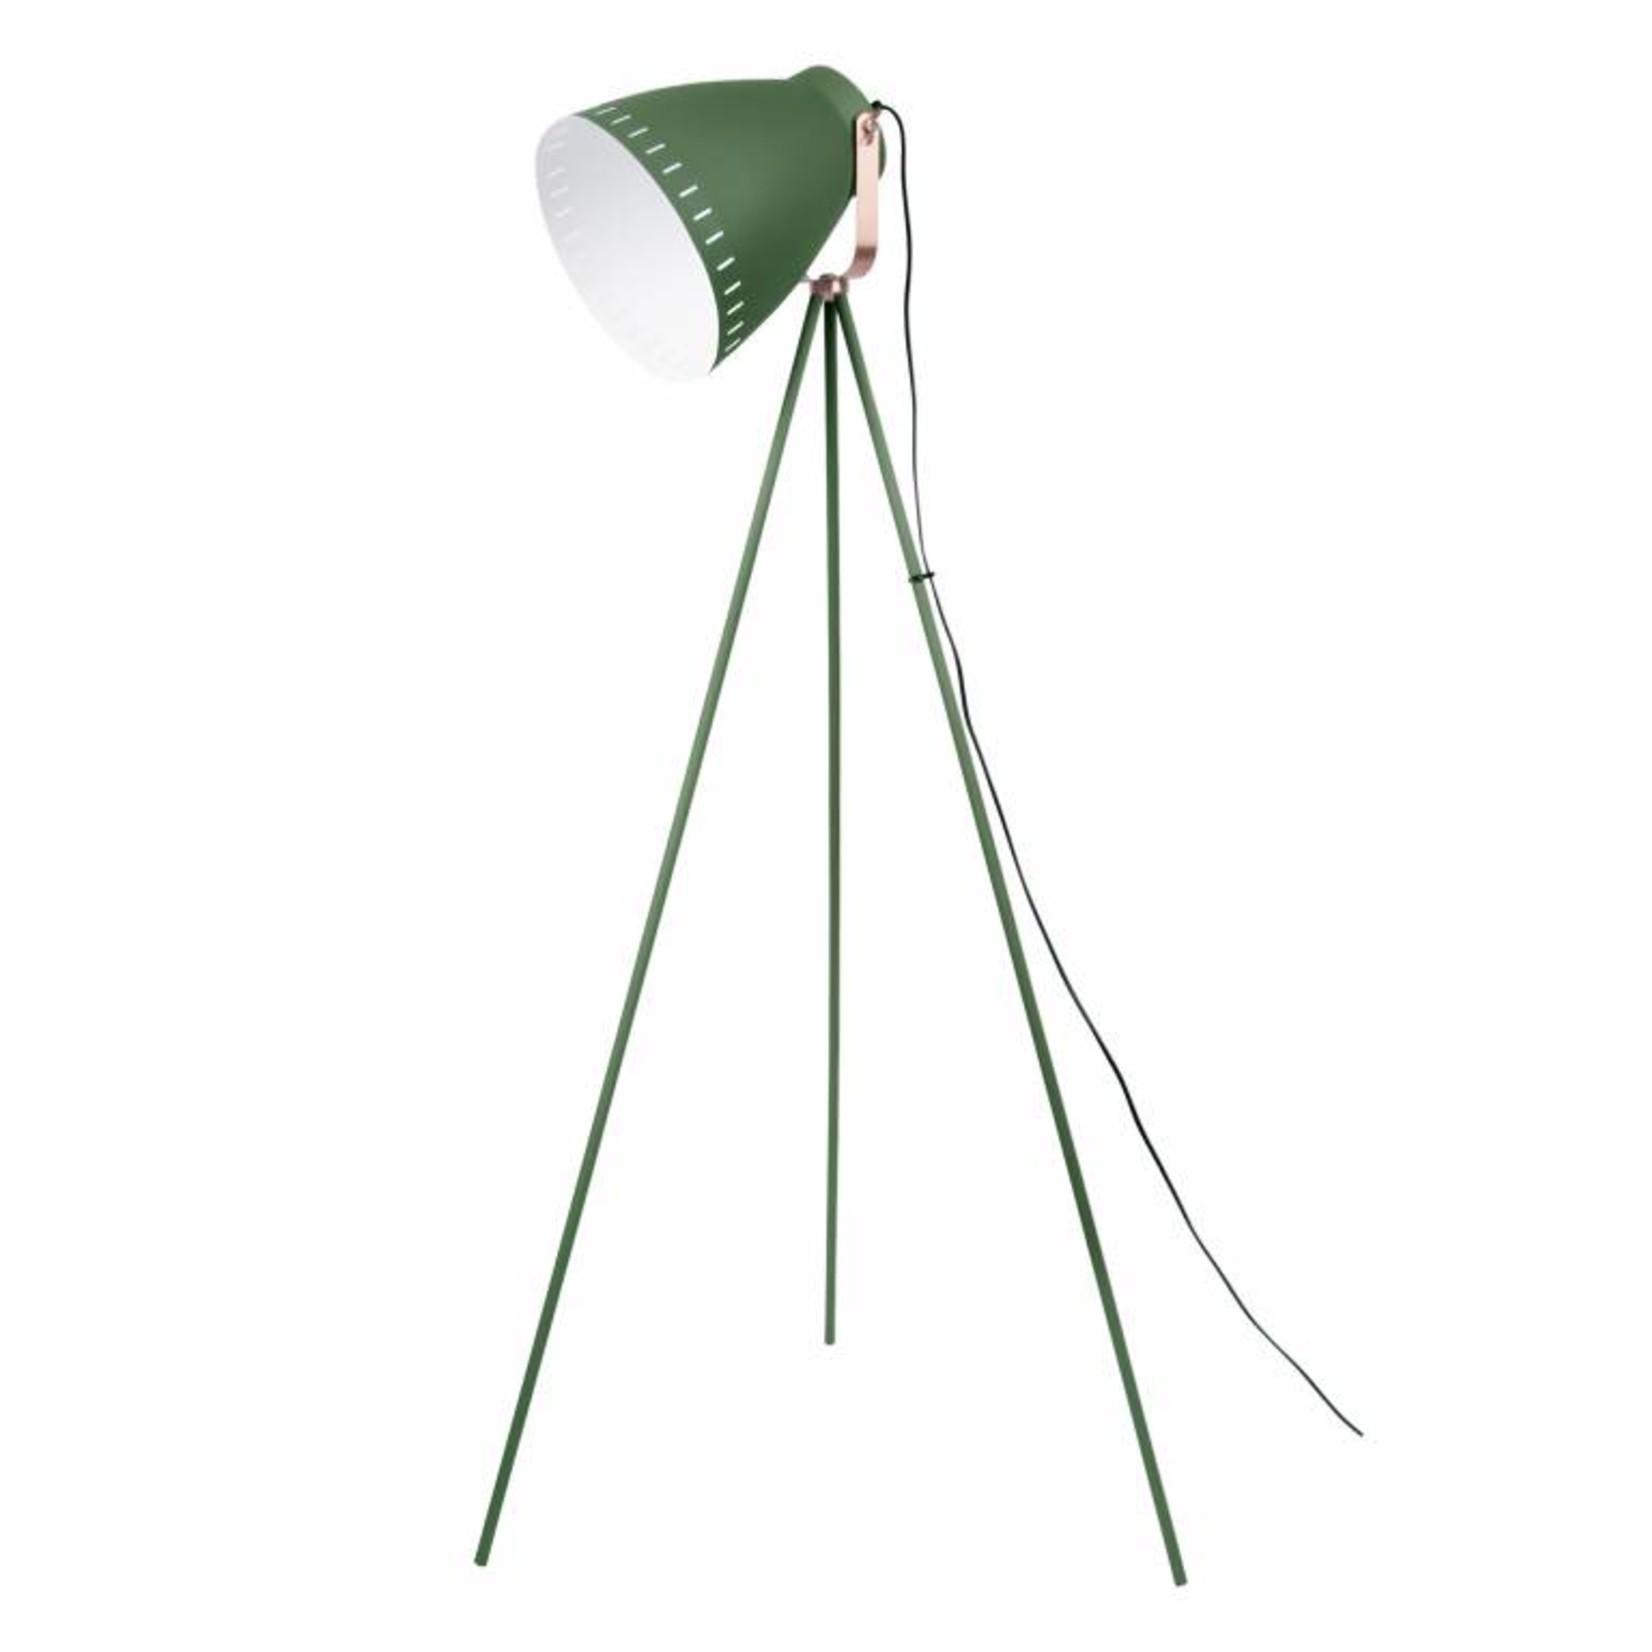 Leitmotiv Vloerlamp Mingle 3 Legs metal pine green LM1417